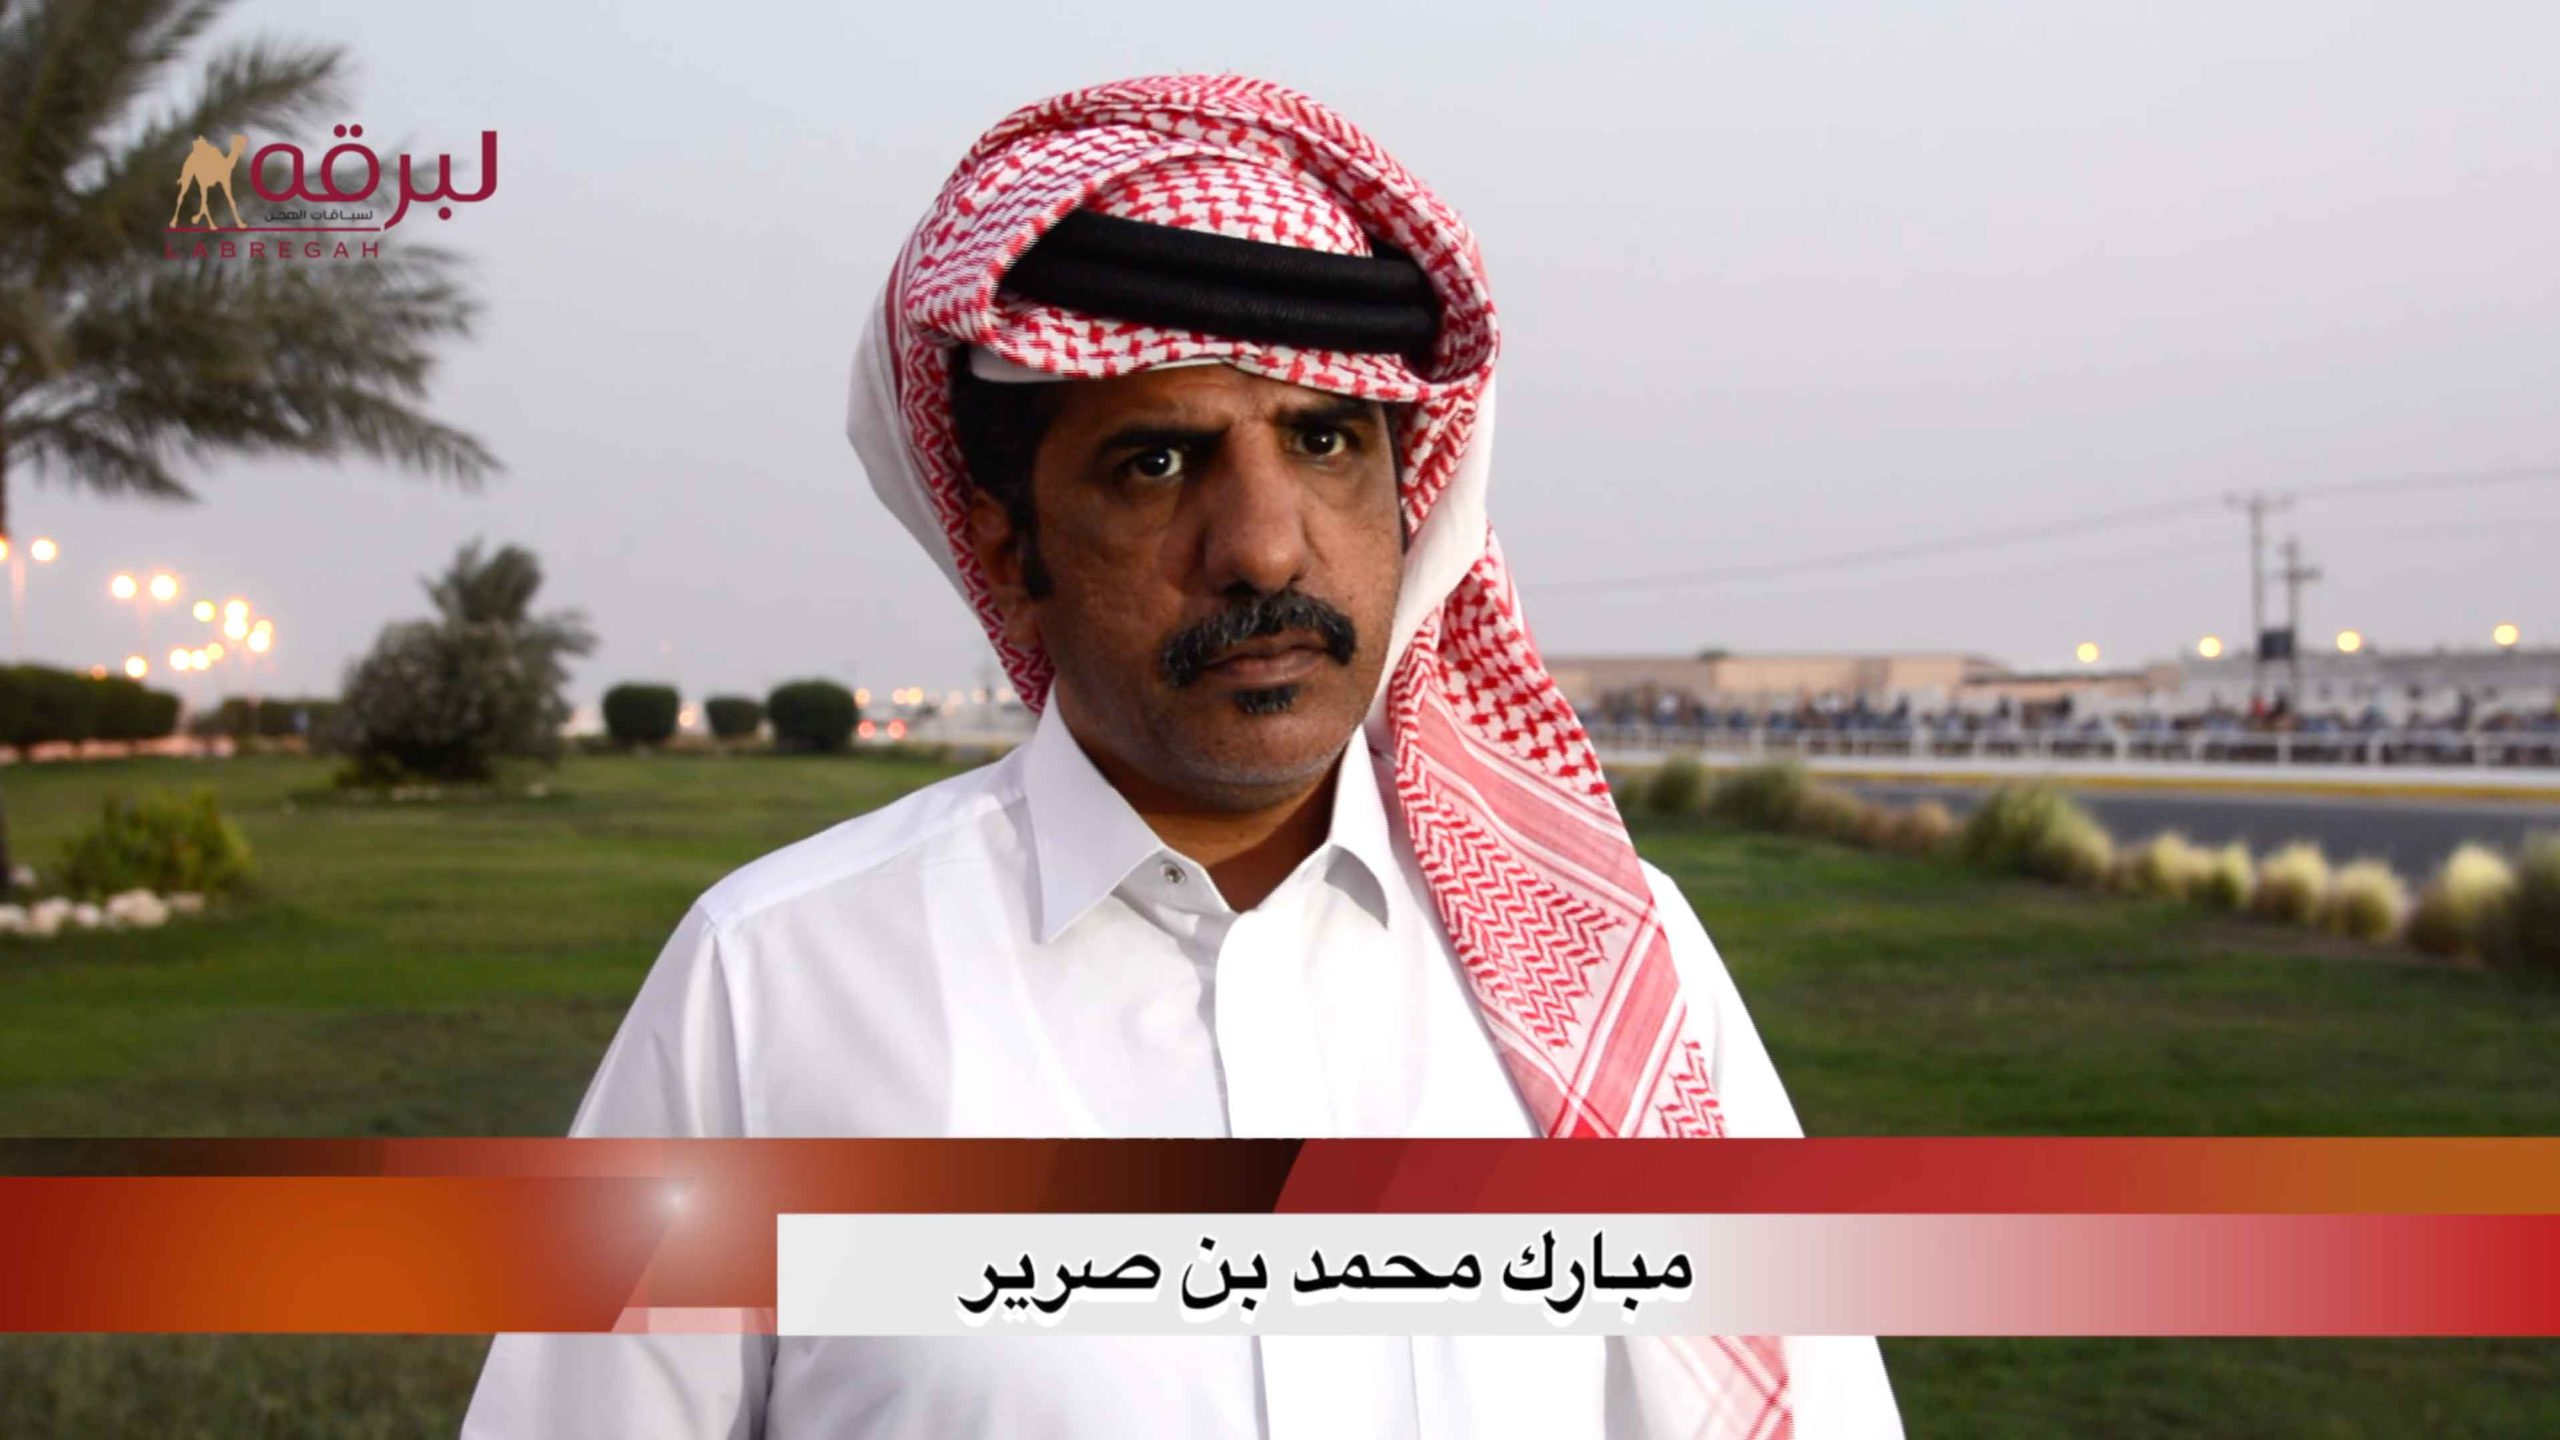 لقاء مع مبارك محمد بن صرير.. الشوط الرئيسي للقايا بكار إنتاج الأشواط المفتوحة ٧-١٠-٢٠٢٠